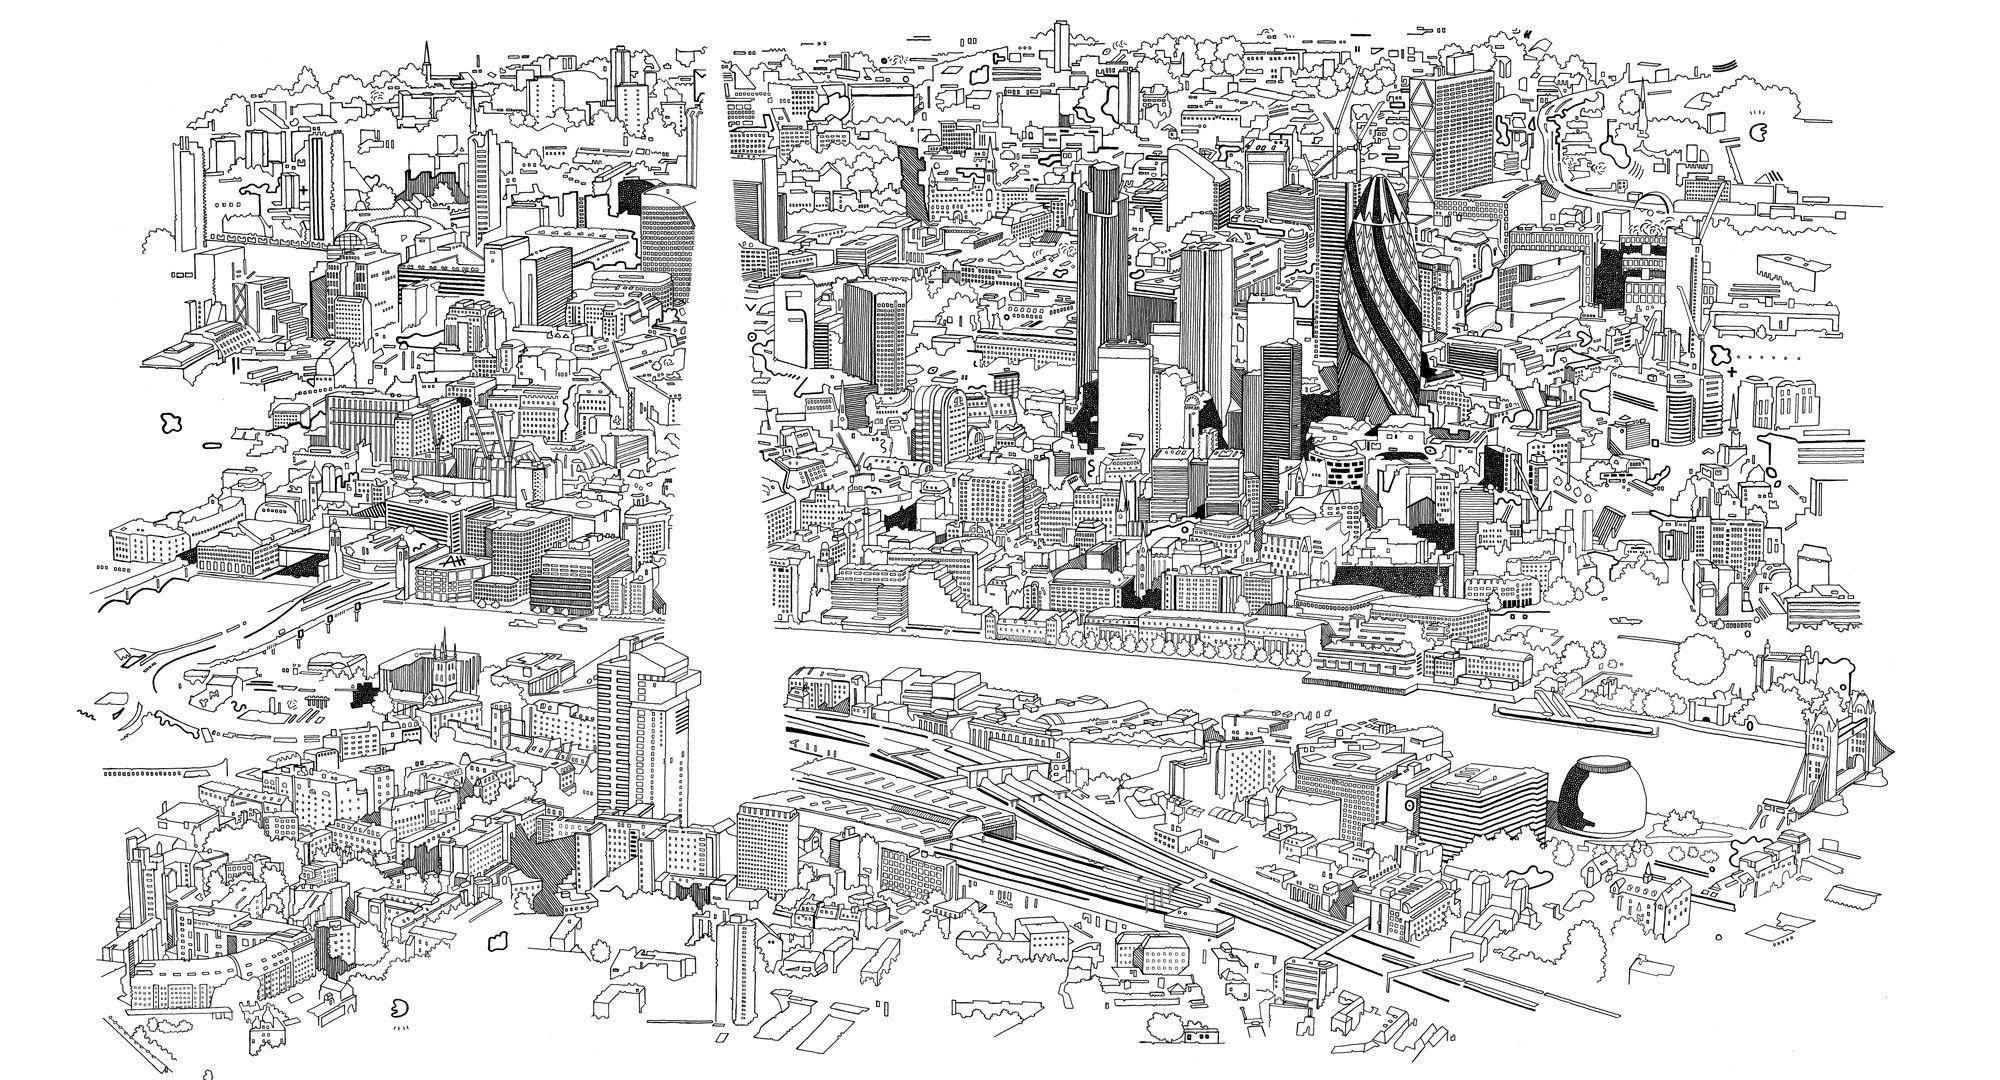 Resultado de imagen de vacio lleno trama urbana barcelona